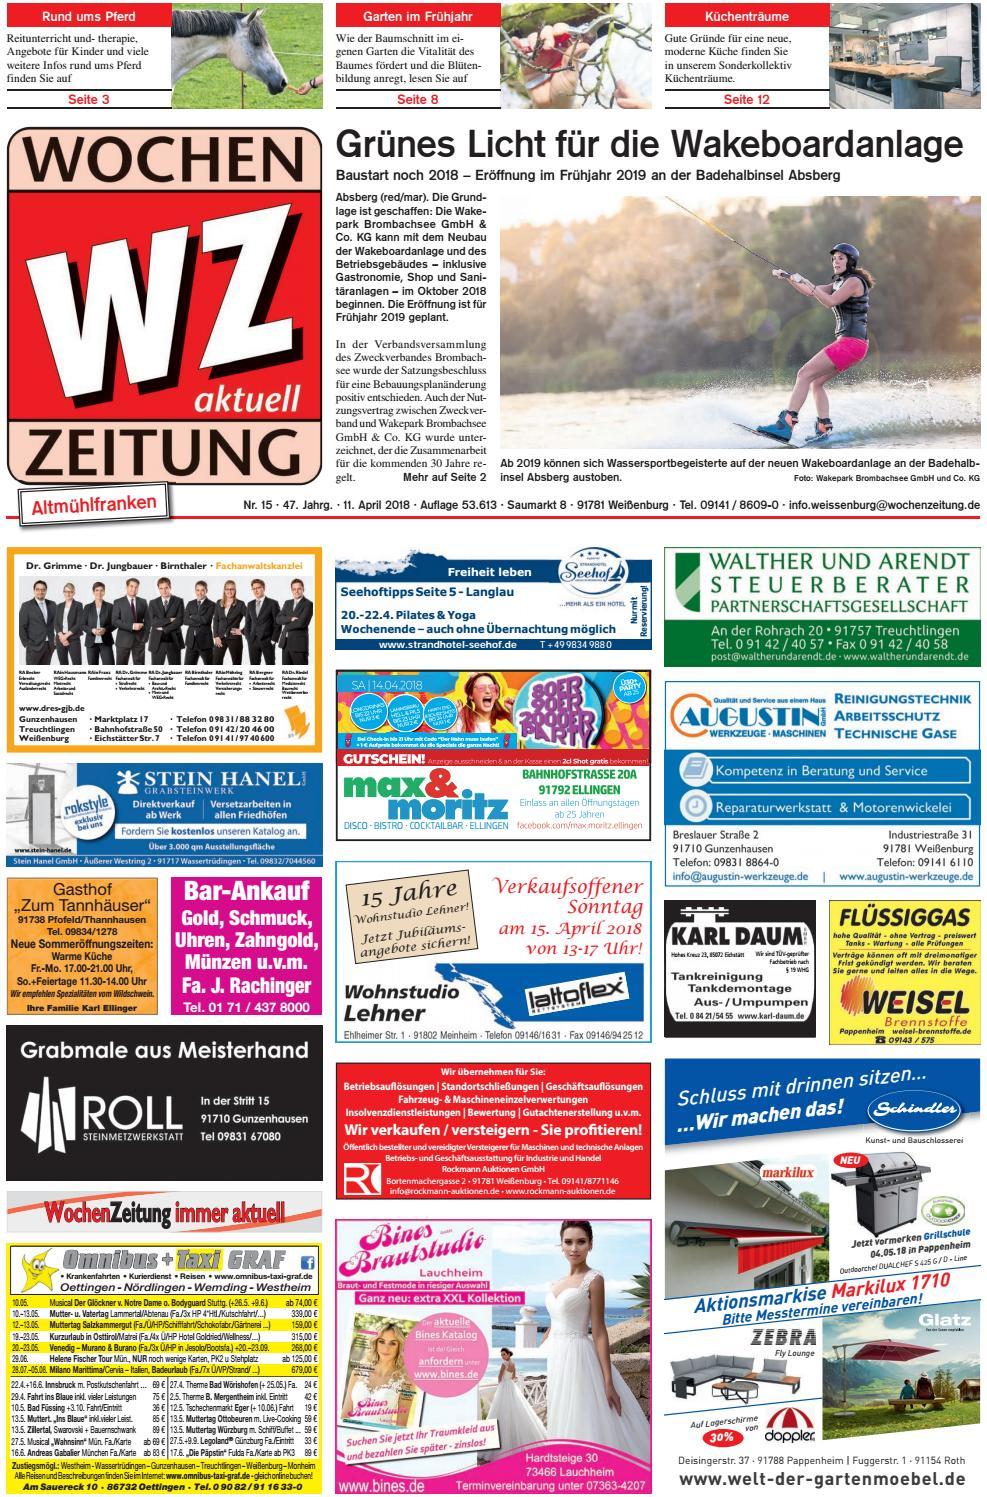 Wochenzeitung Weissenburg Kw 15 18 By Wochenzeitung Sonntagszeitung